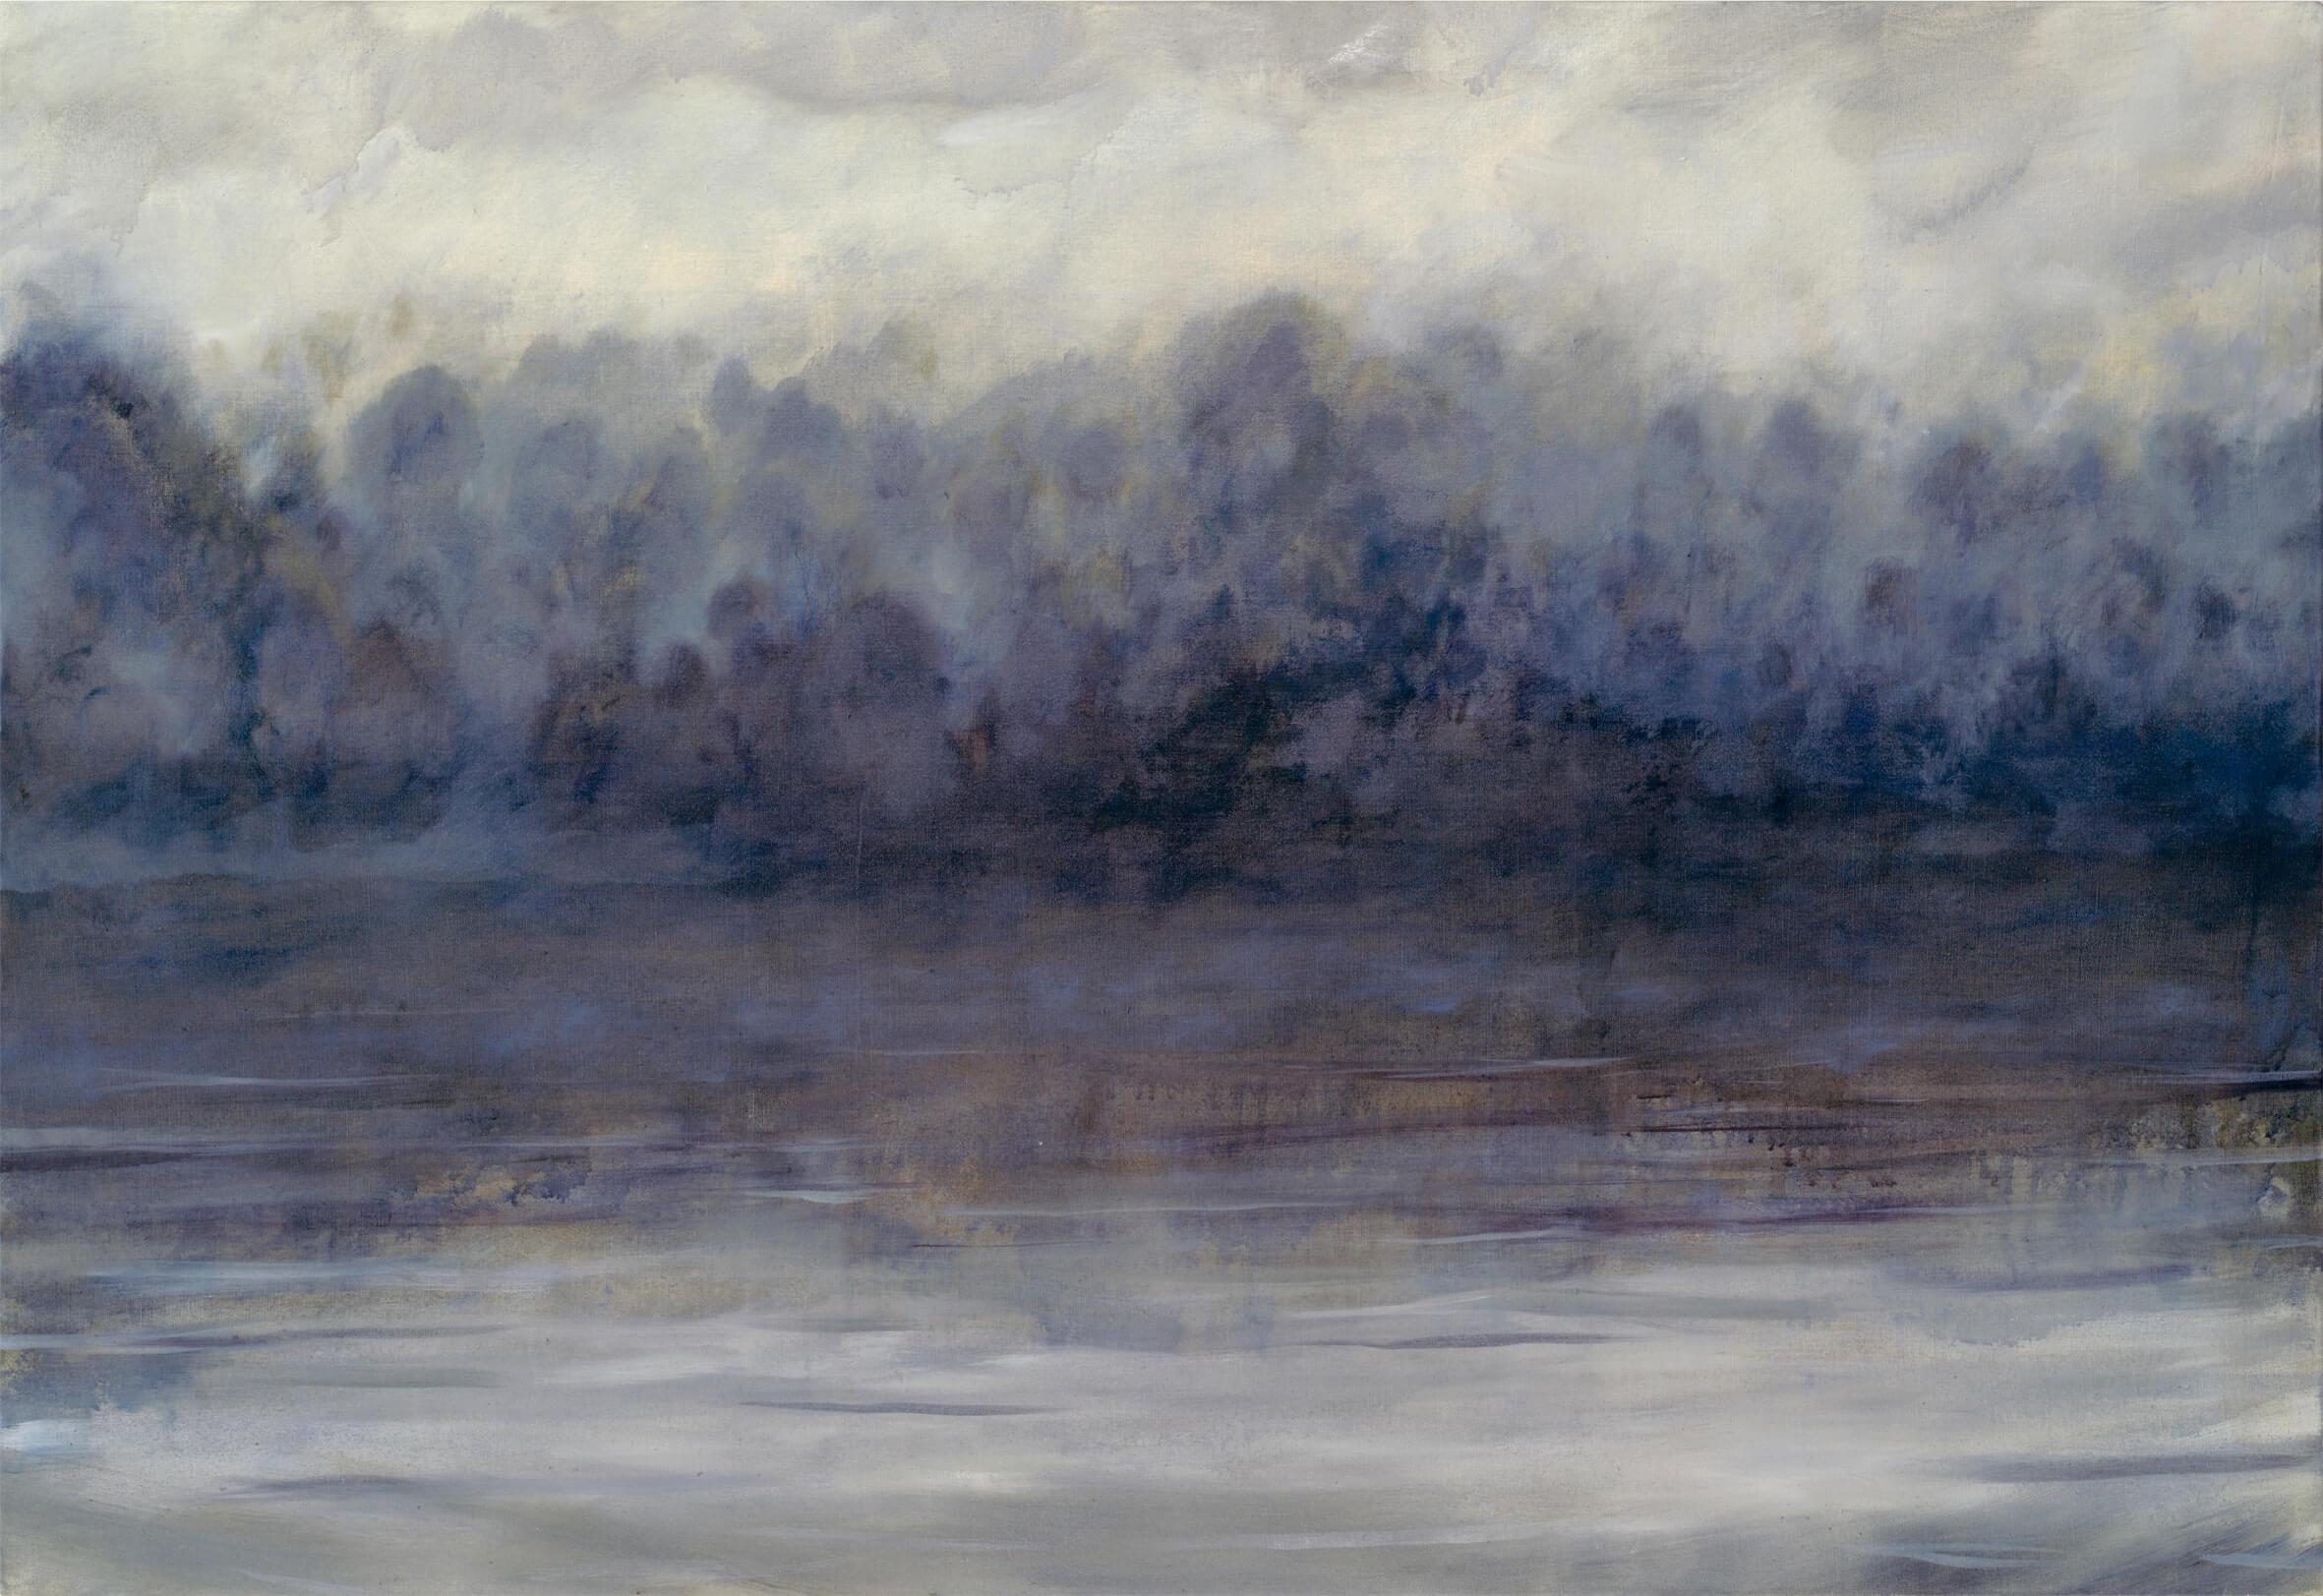 RHSK013 Matsubarako Lake Winter Evening Mist ( Oil on Linen ) 112.5 x 162.5 cm